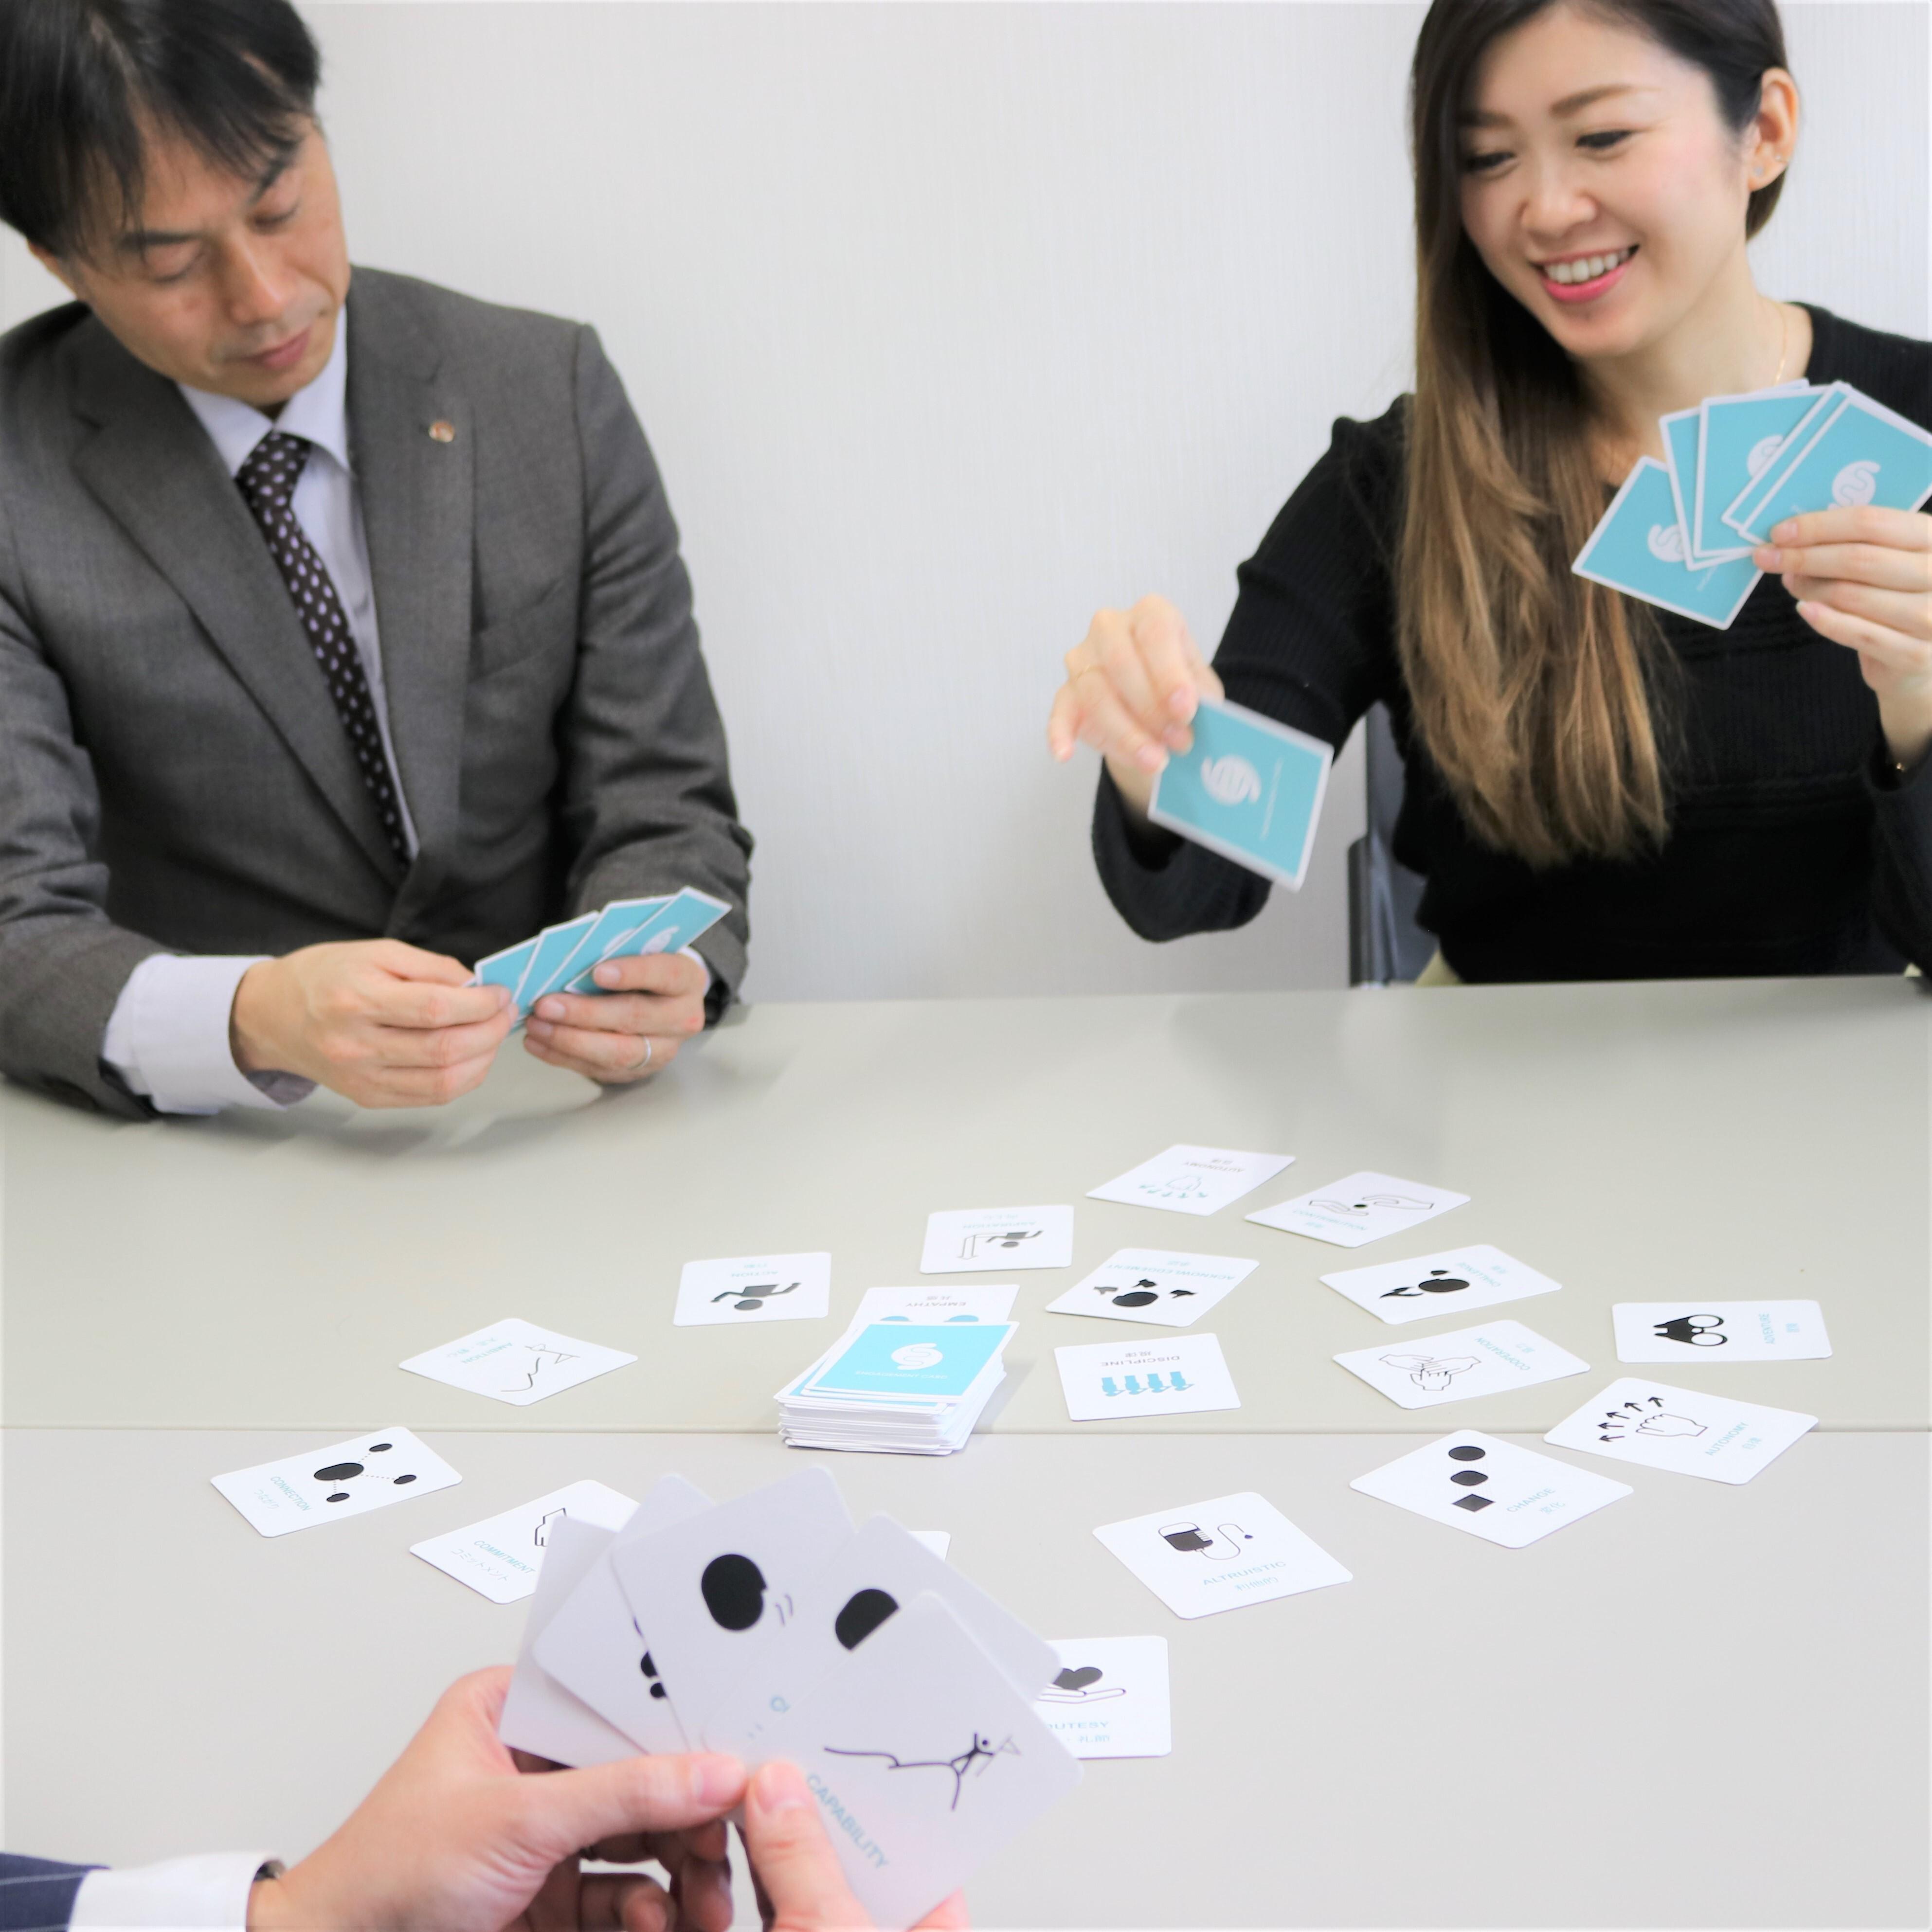 【人気No1⭐️】エンゲージメントカード(日本製)1セット+ワークショップ用レジュメデータ:世界最高のチームを目指す!働きがいと生産性を向上させる